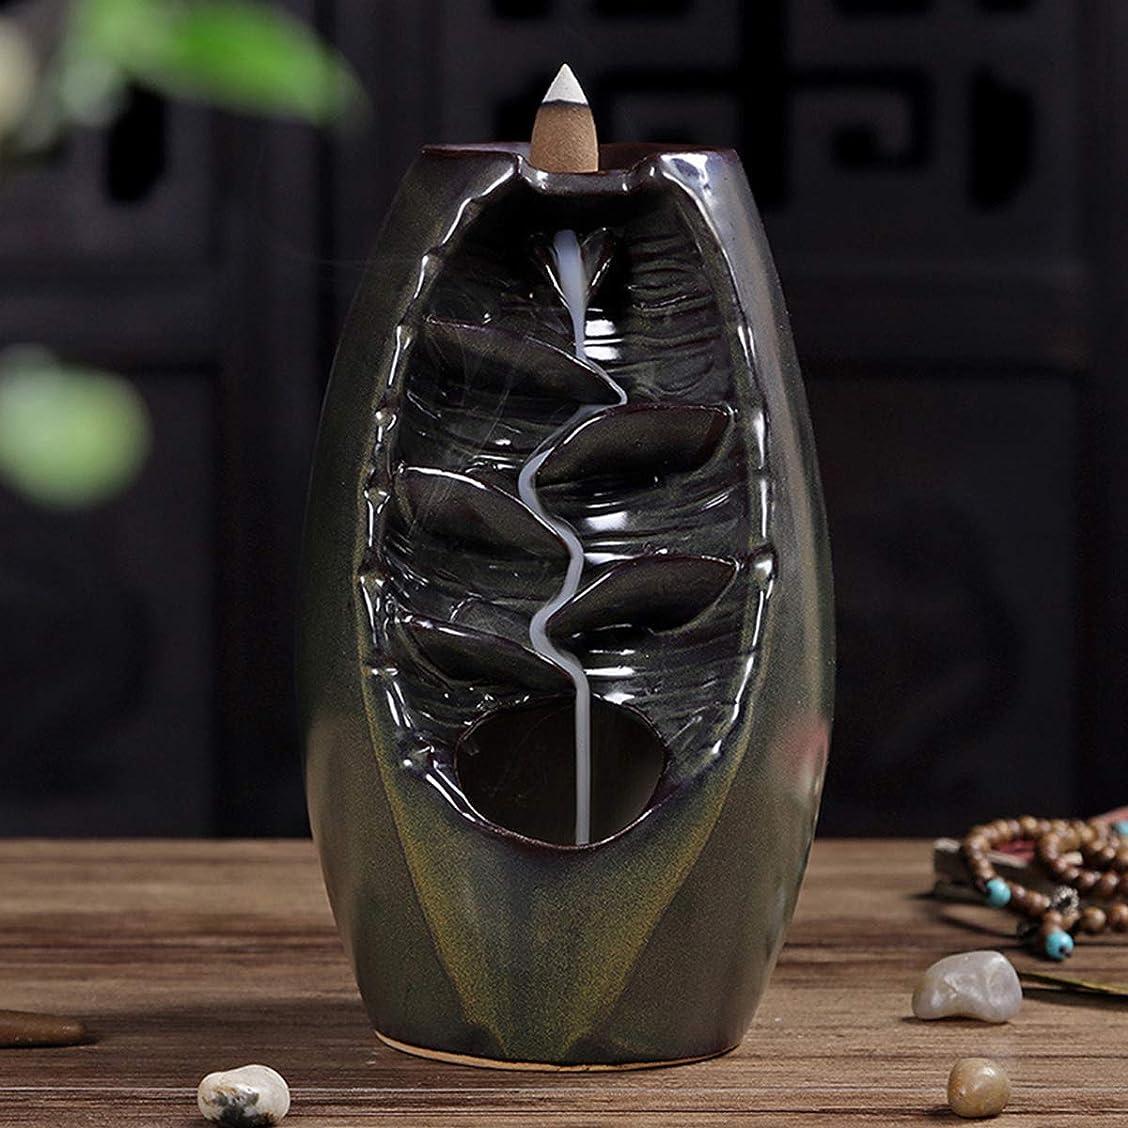 最も干渉ログVosarea 逆流香バーナー滝香ホルダーアロマ飾り仏教用品(茶)